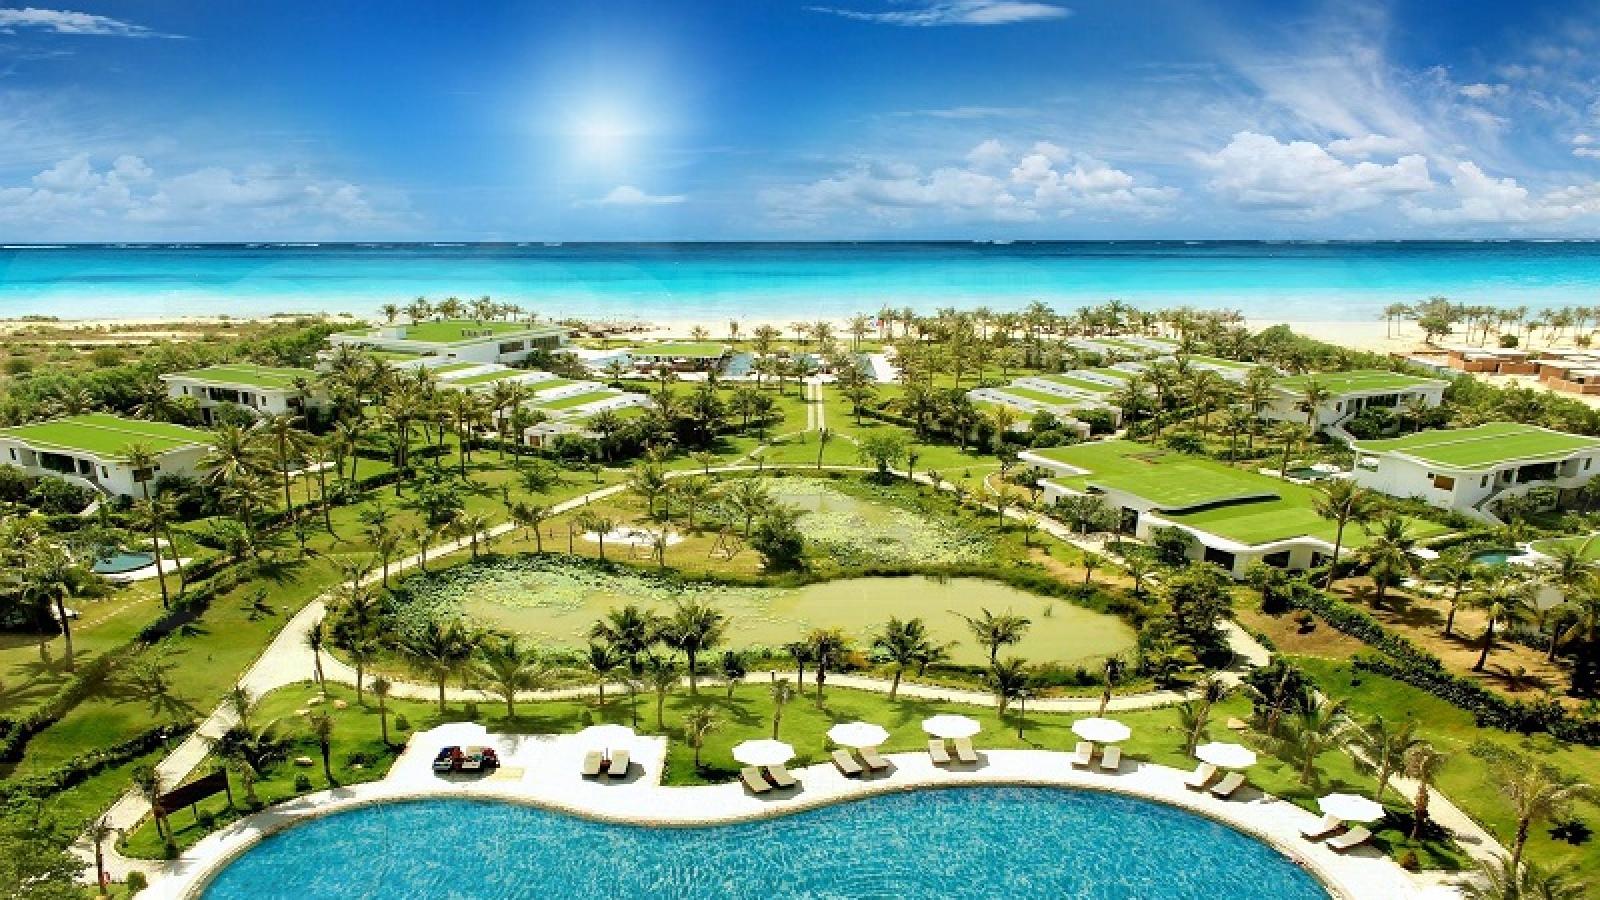 Ưu đãi ngỡ ngàng, niềm vui ngập tràn tại resort 5 sao Cam Ranh Riviera